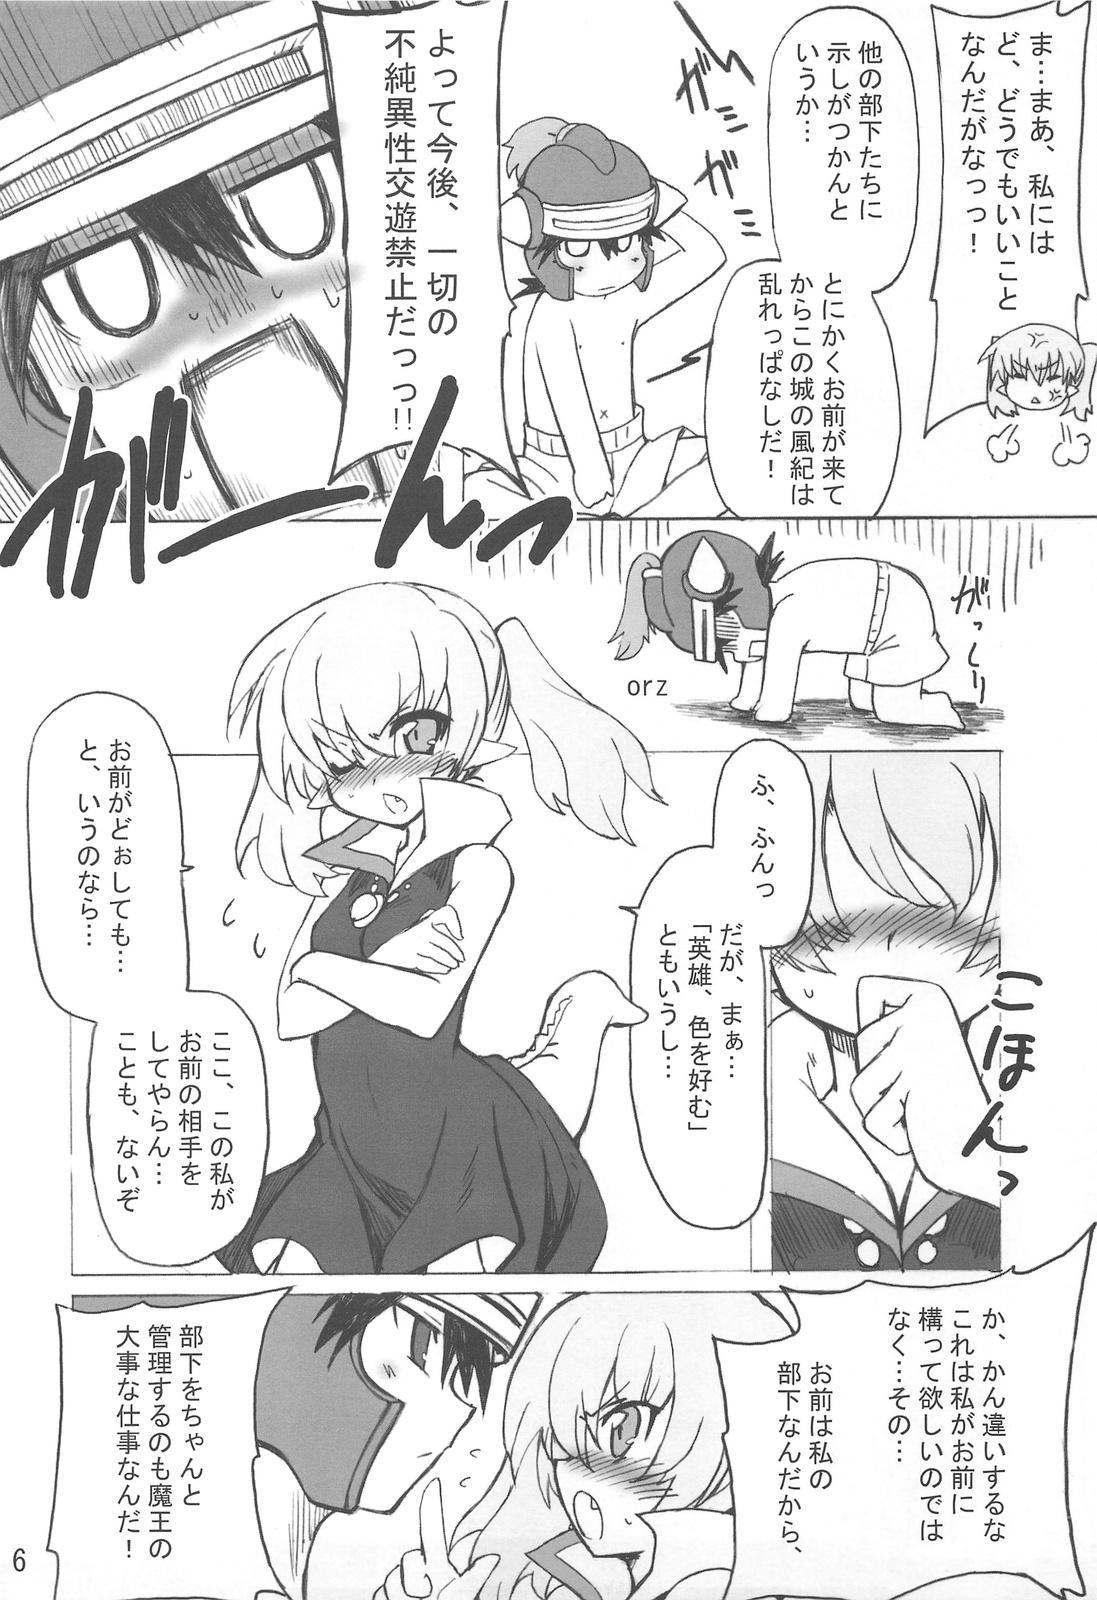 Usotsuki Yuusha to Tsundere Maou 5